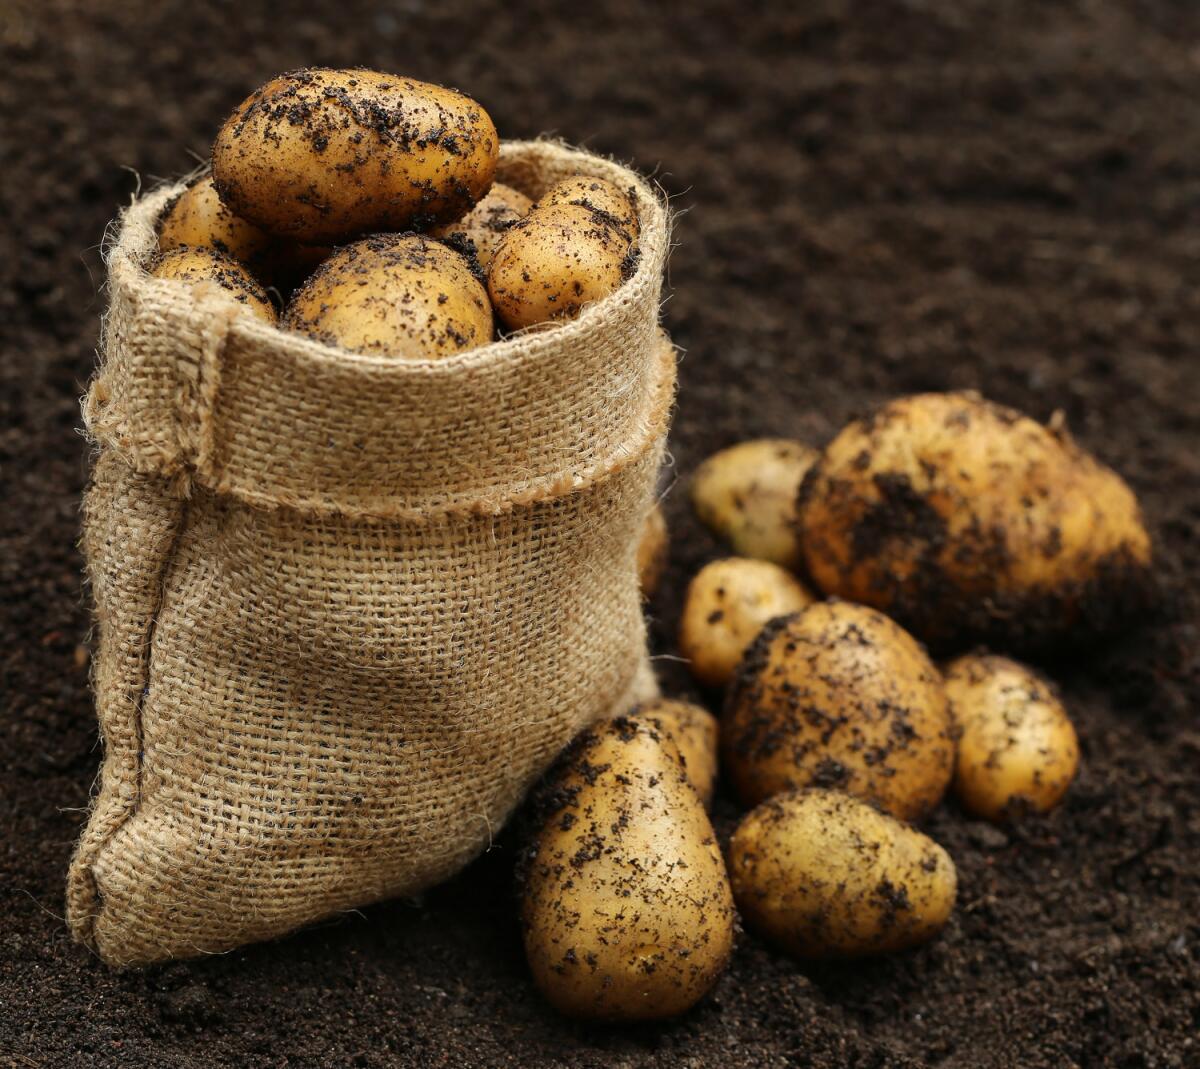 Выкопанный картофель лучше перебрать через 3-4 недели